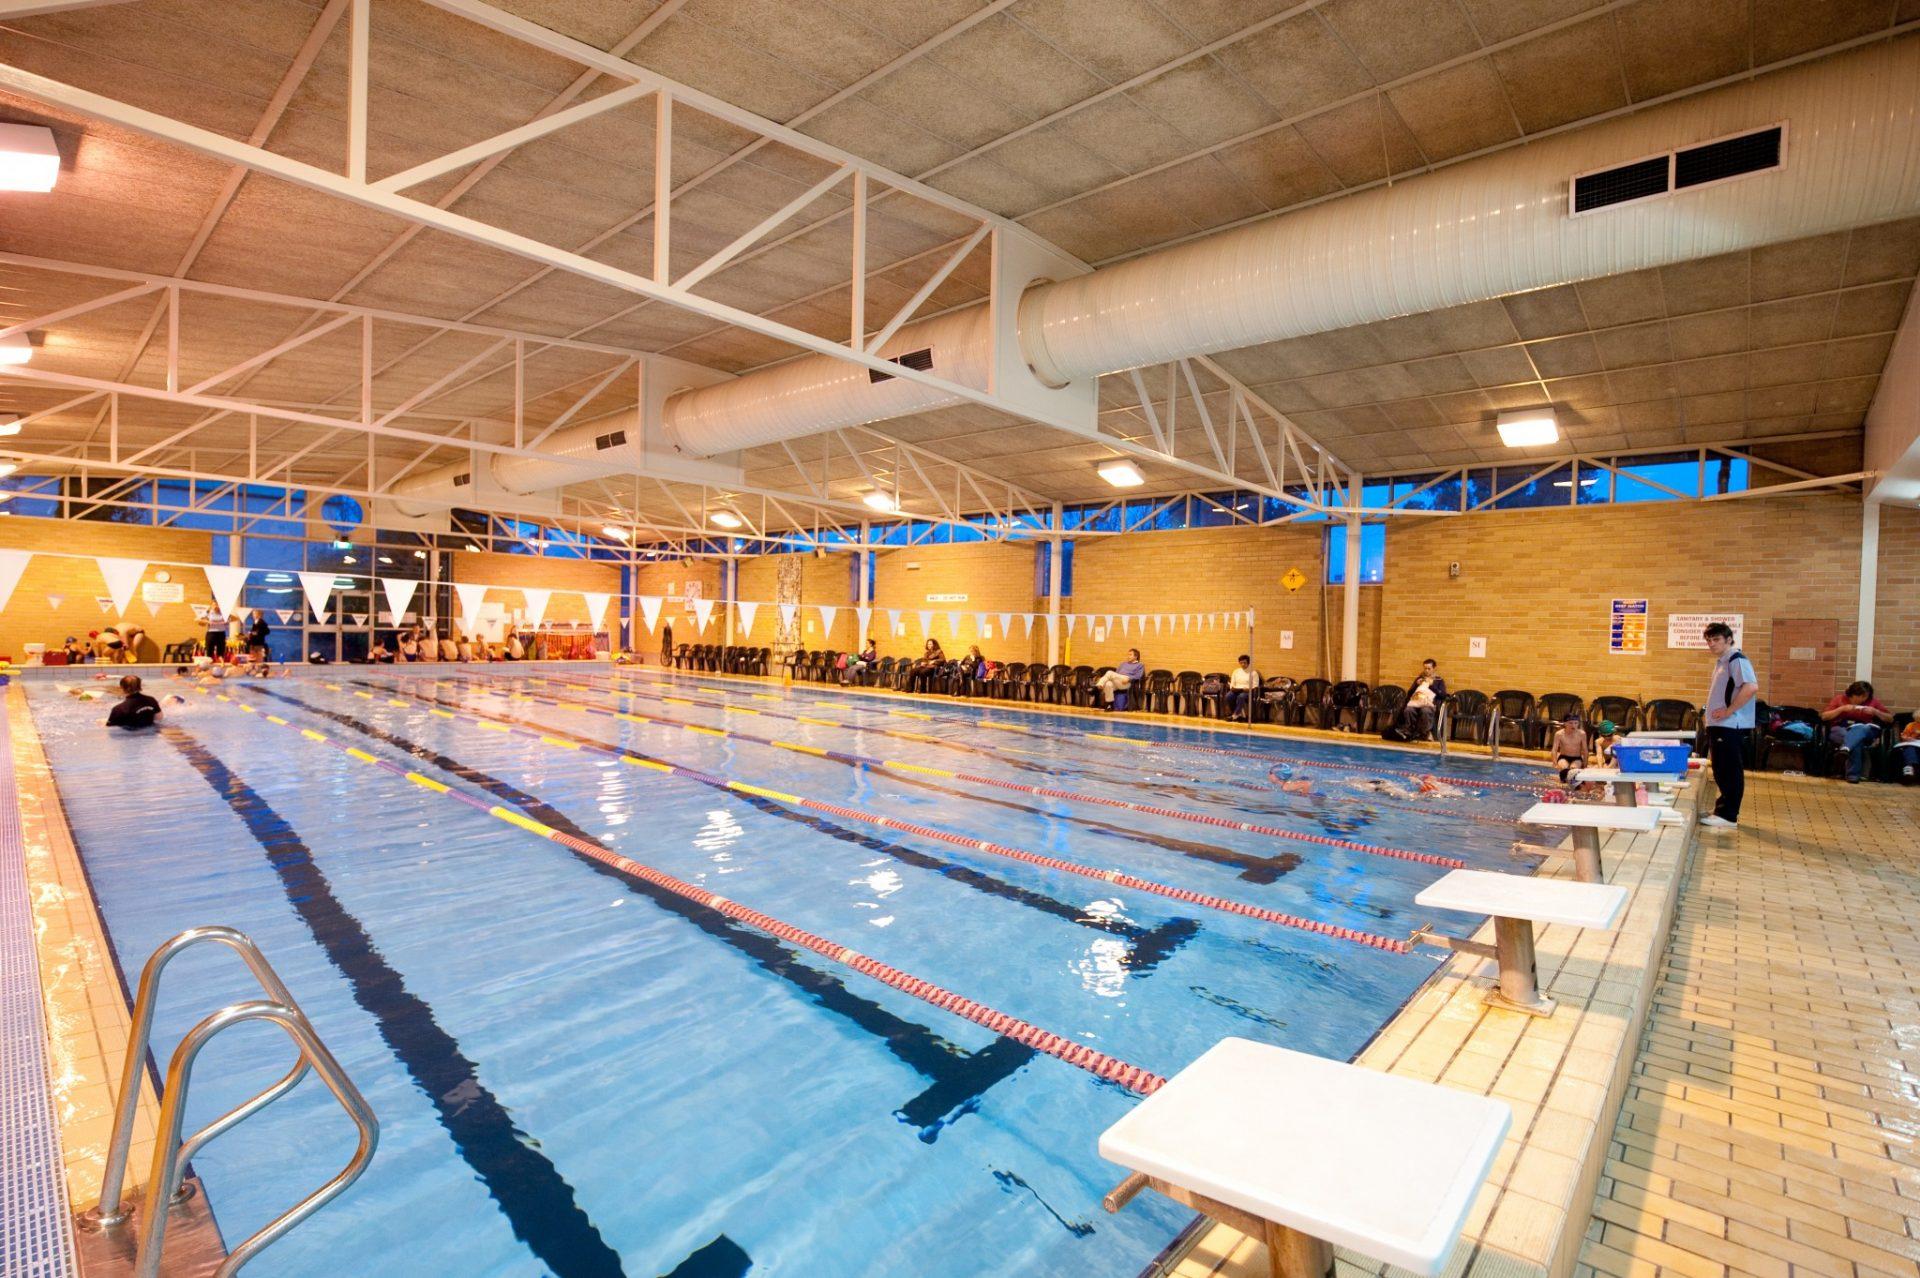 The Collegiate Pool